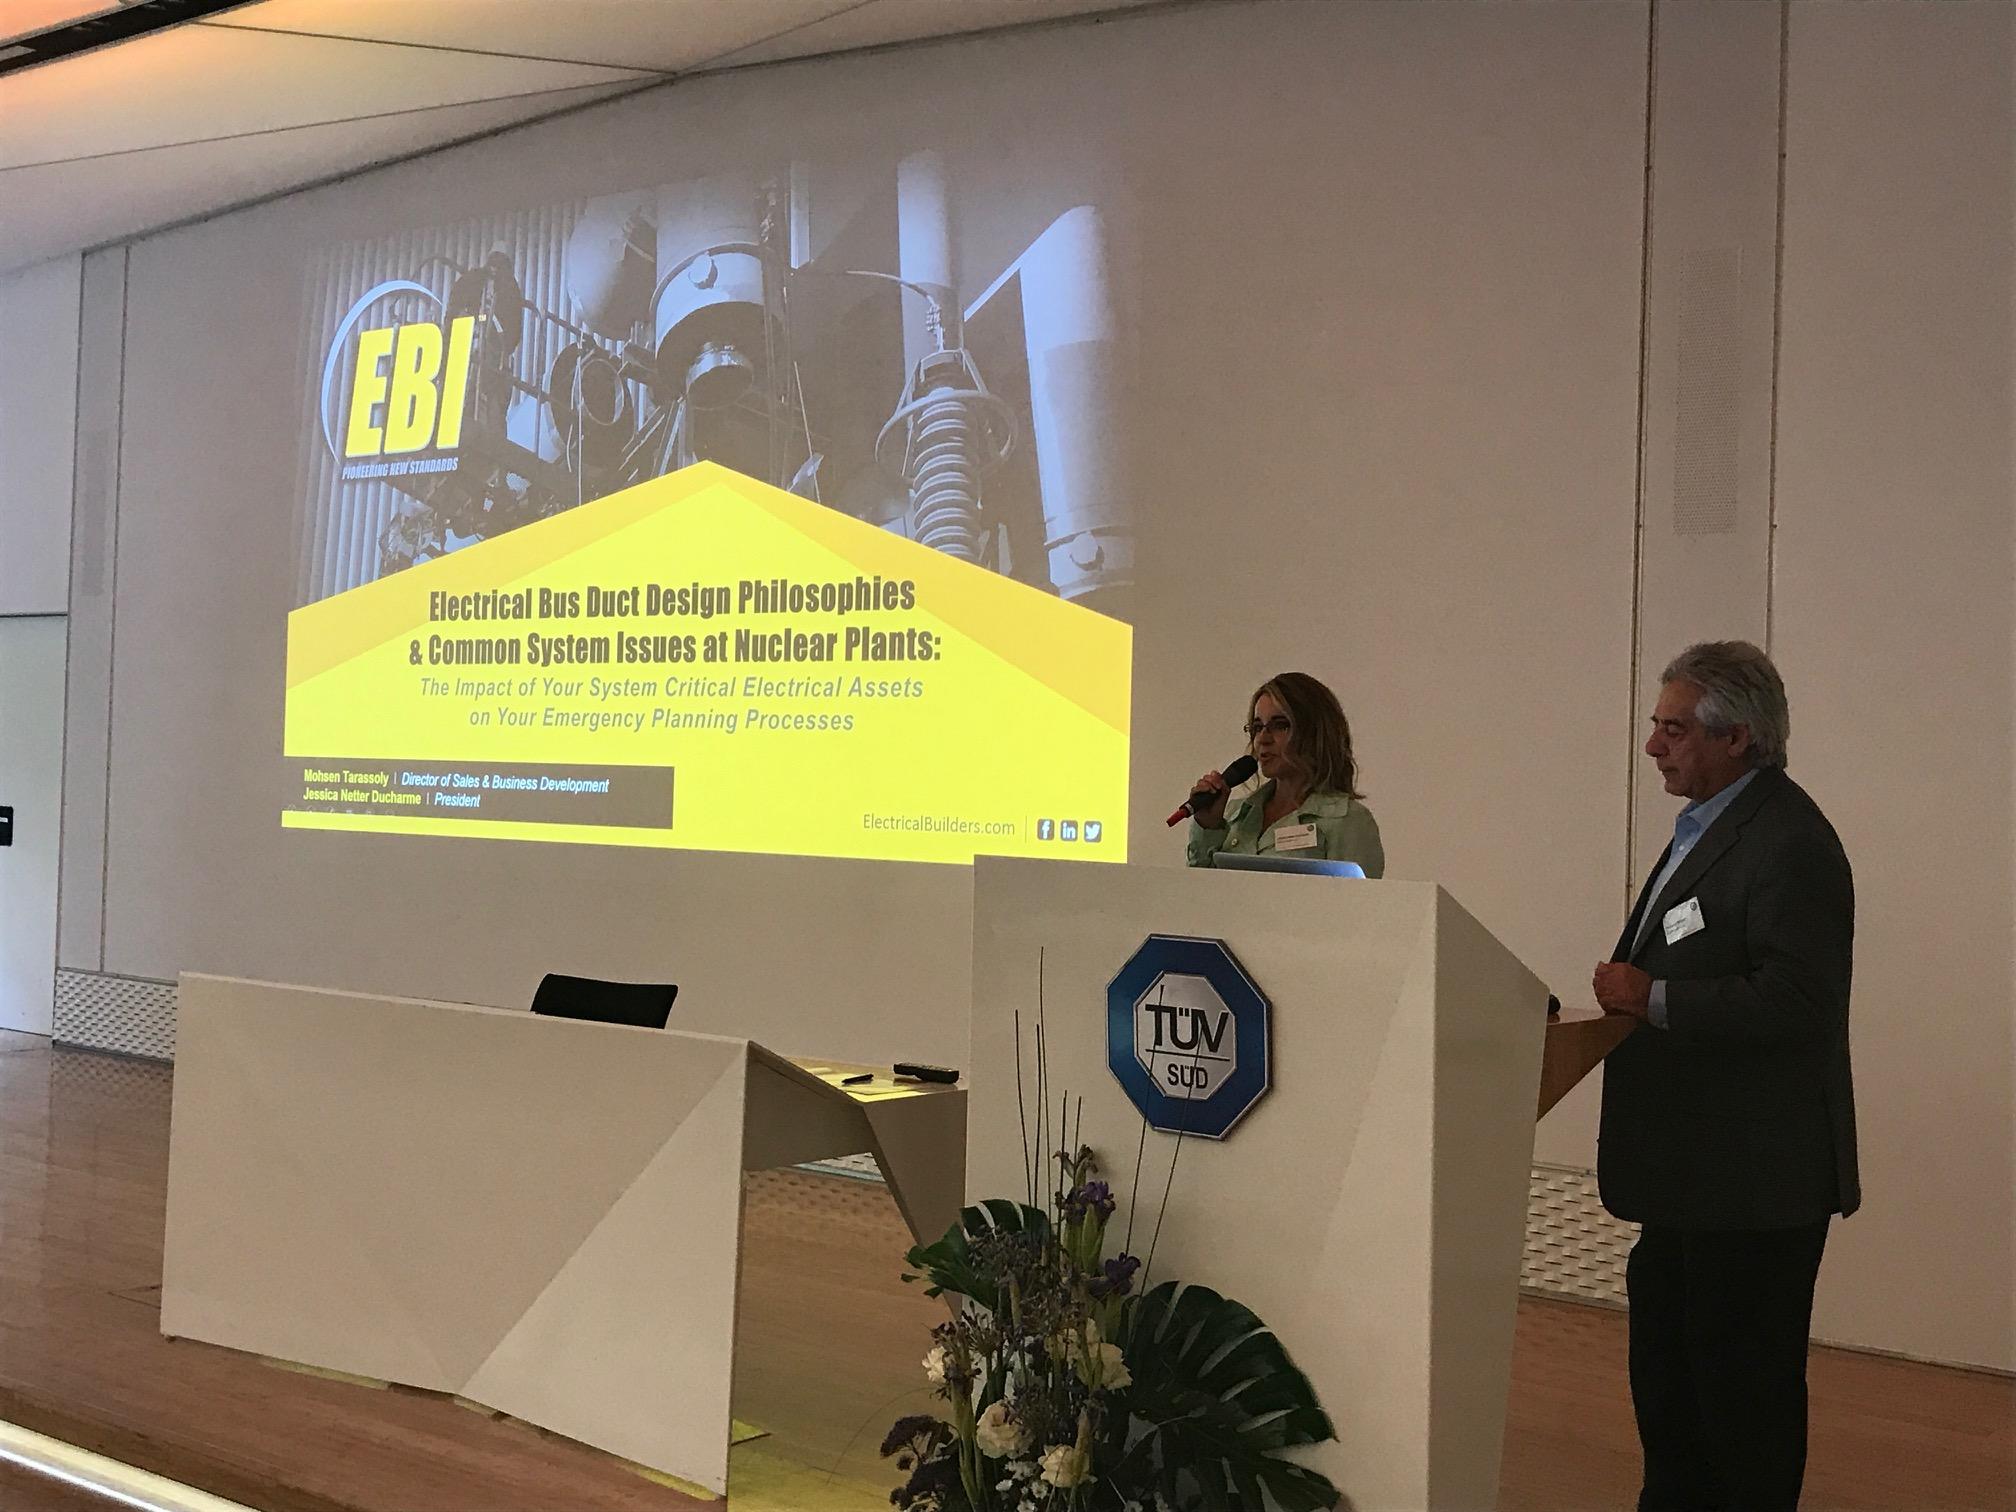 EBI in Germany